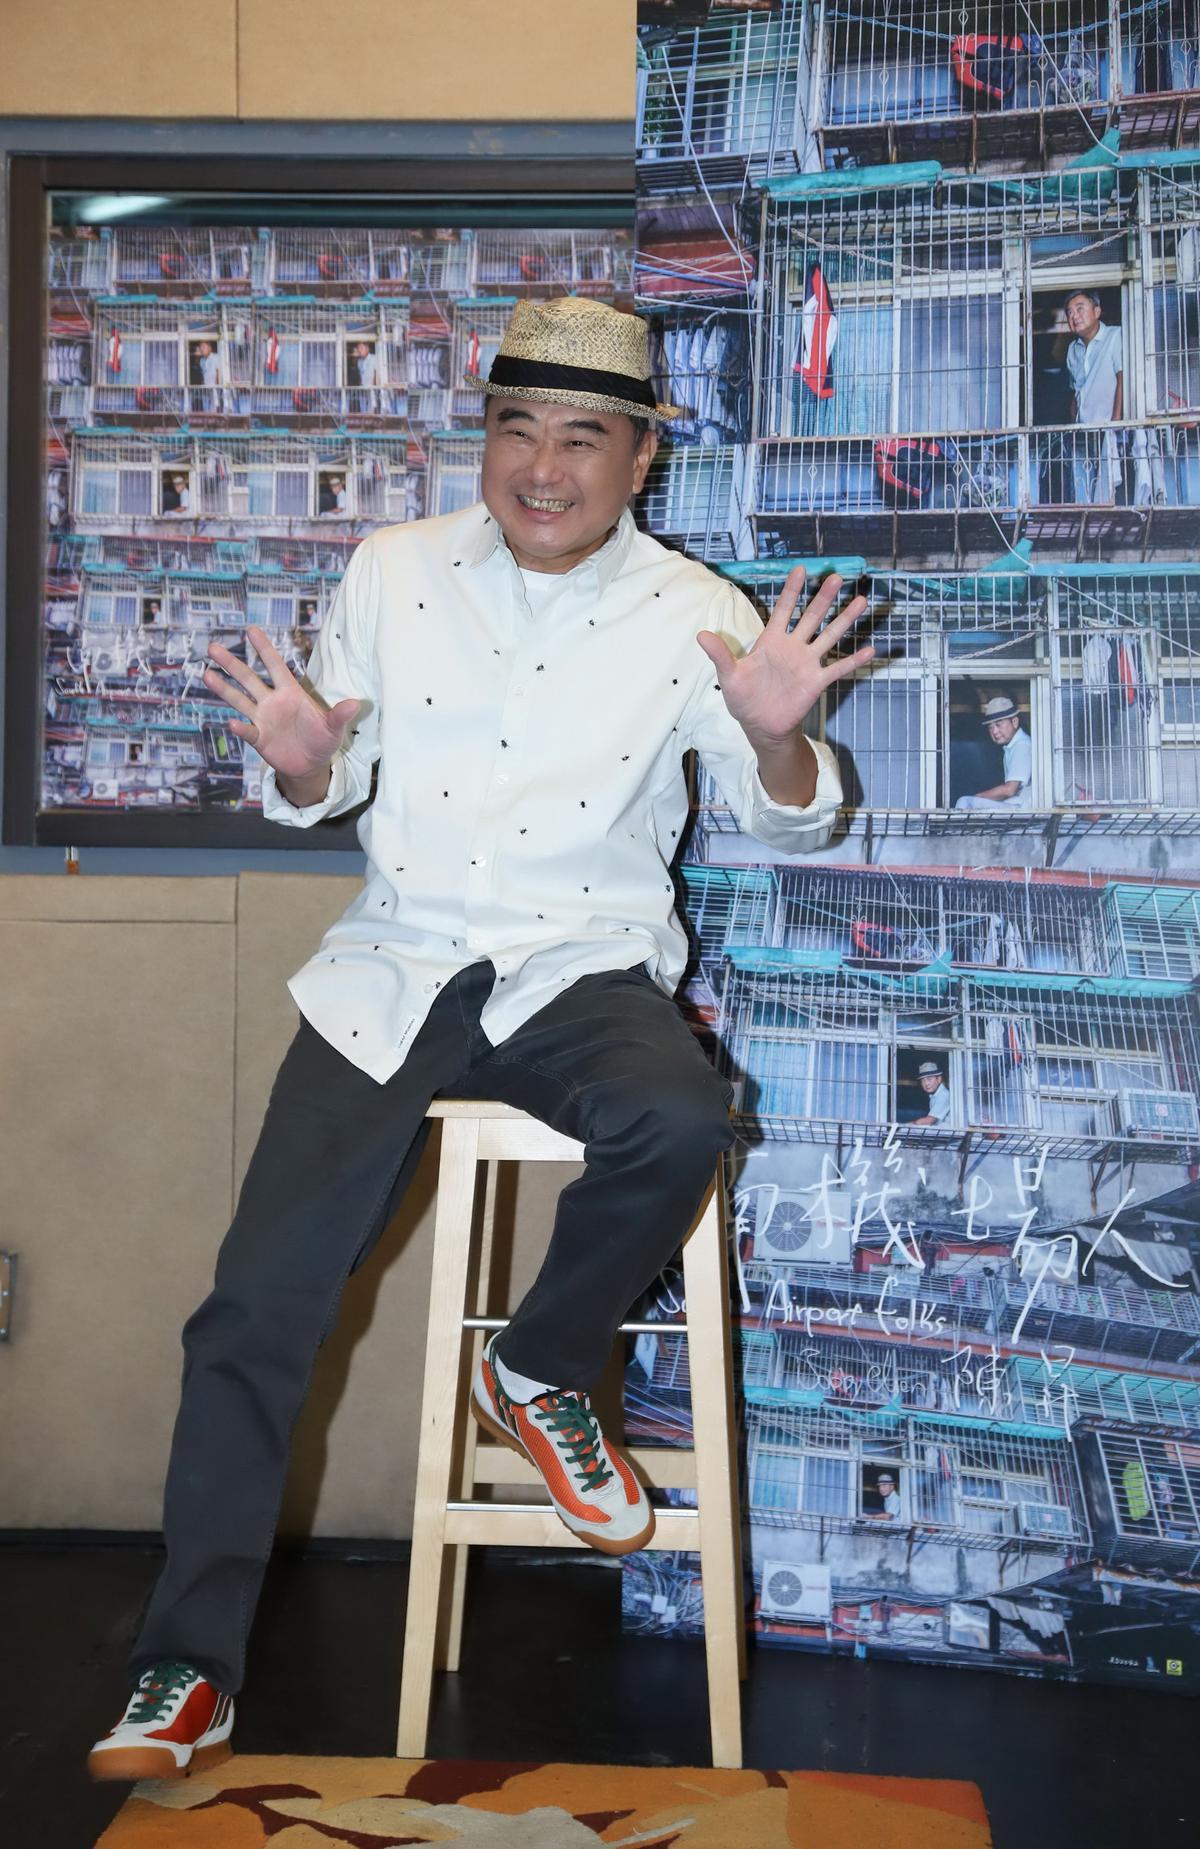 陳昇今年產量豐沛,不到半年又推出新專輯《南機場人》。(新樂園提供)